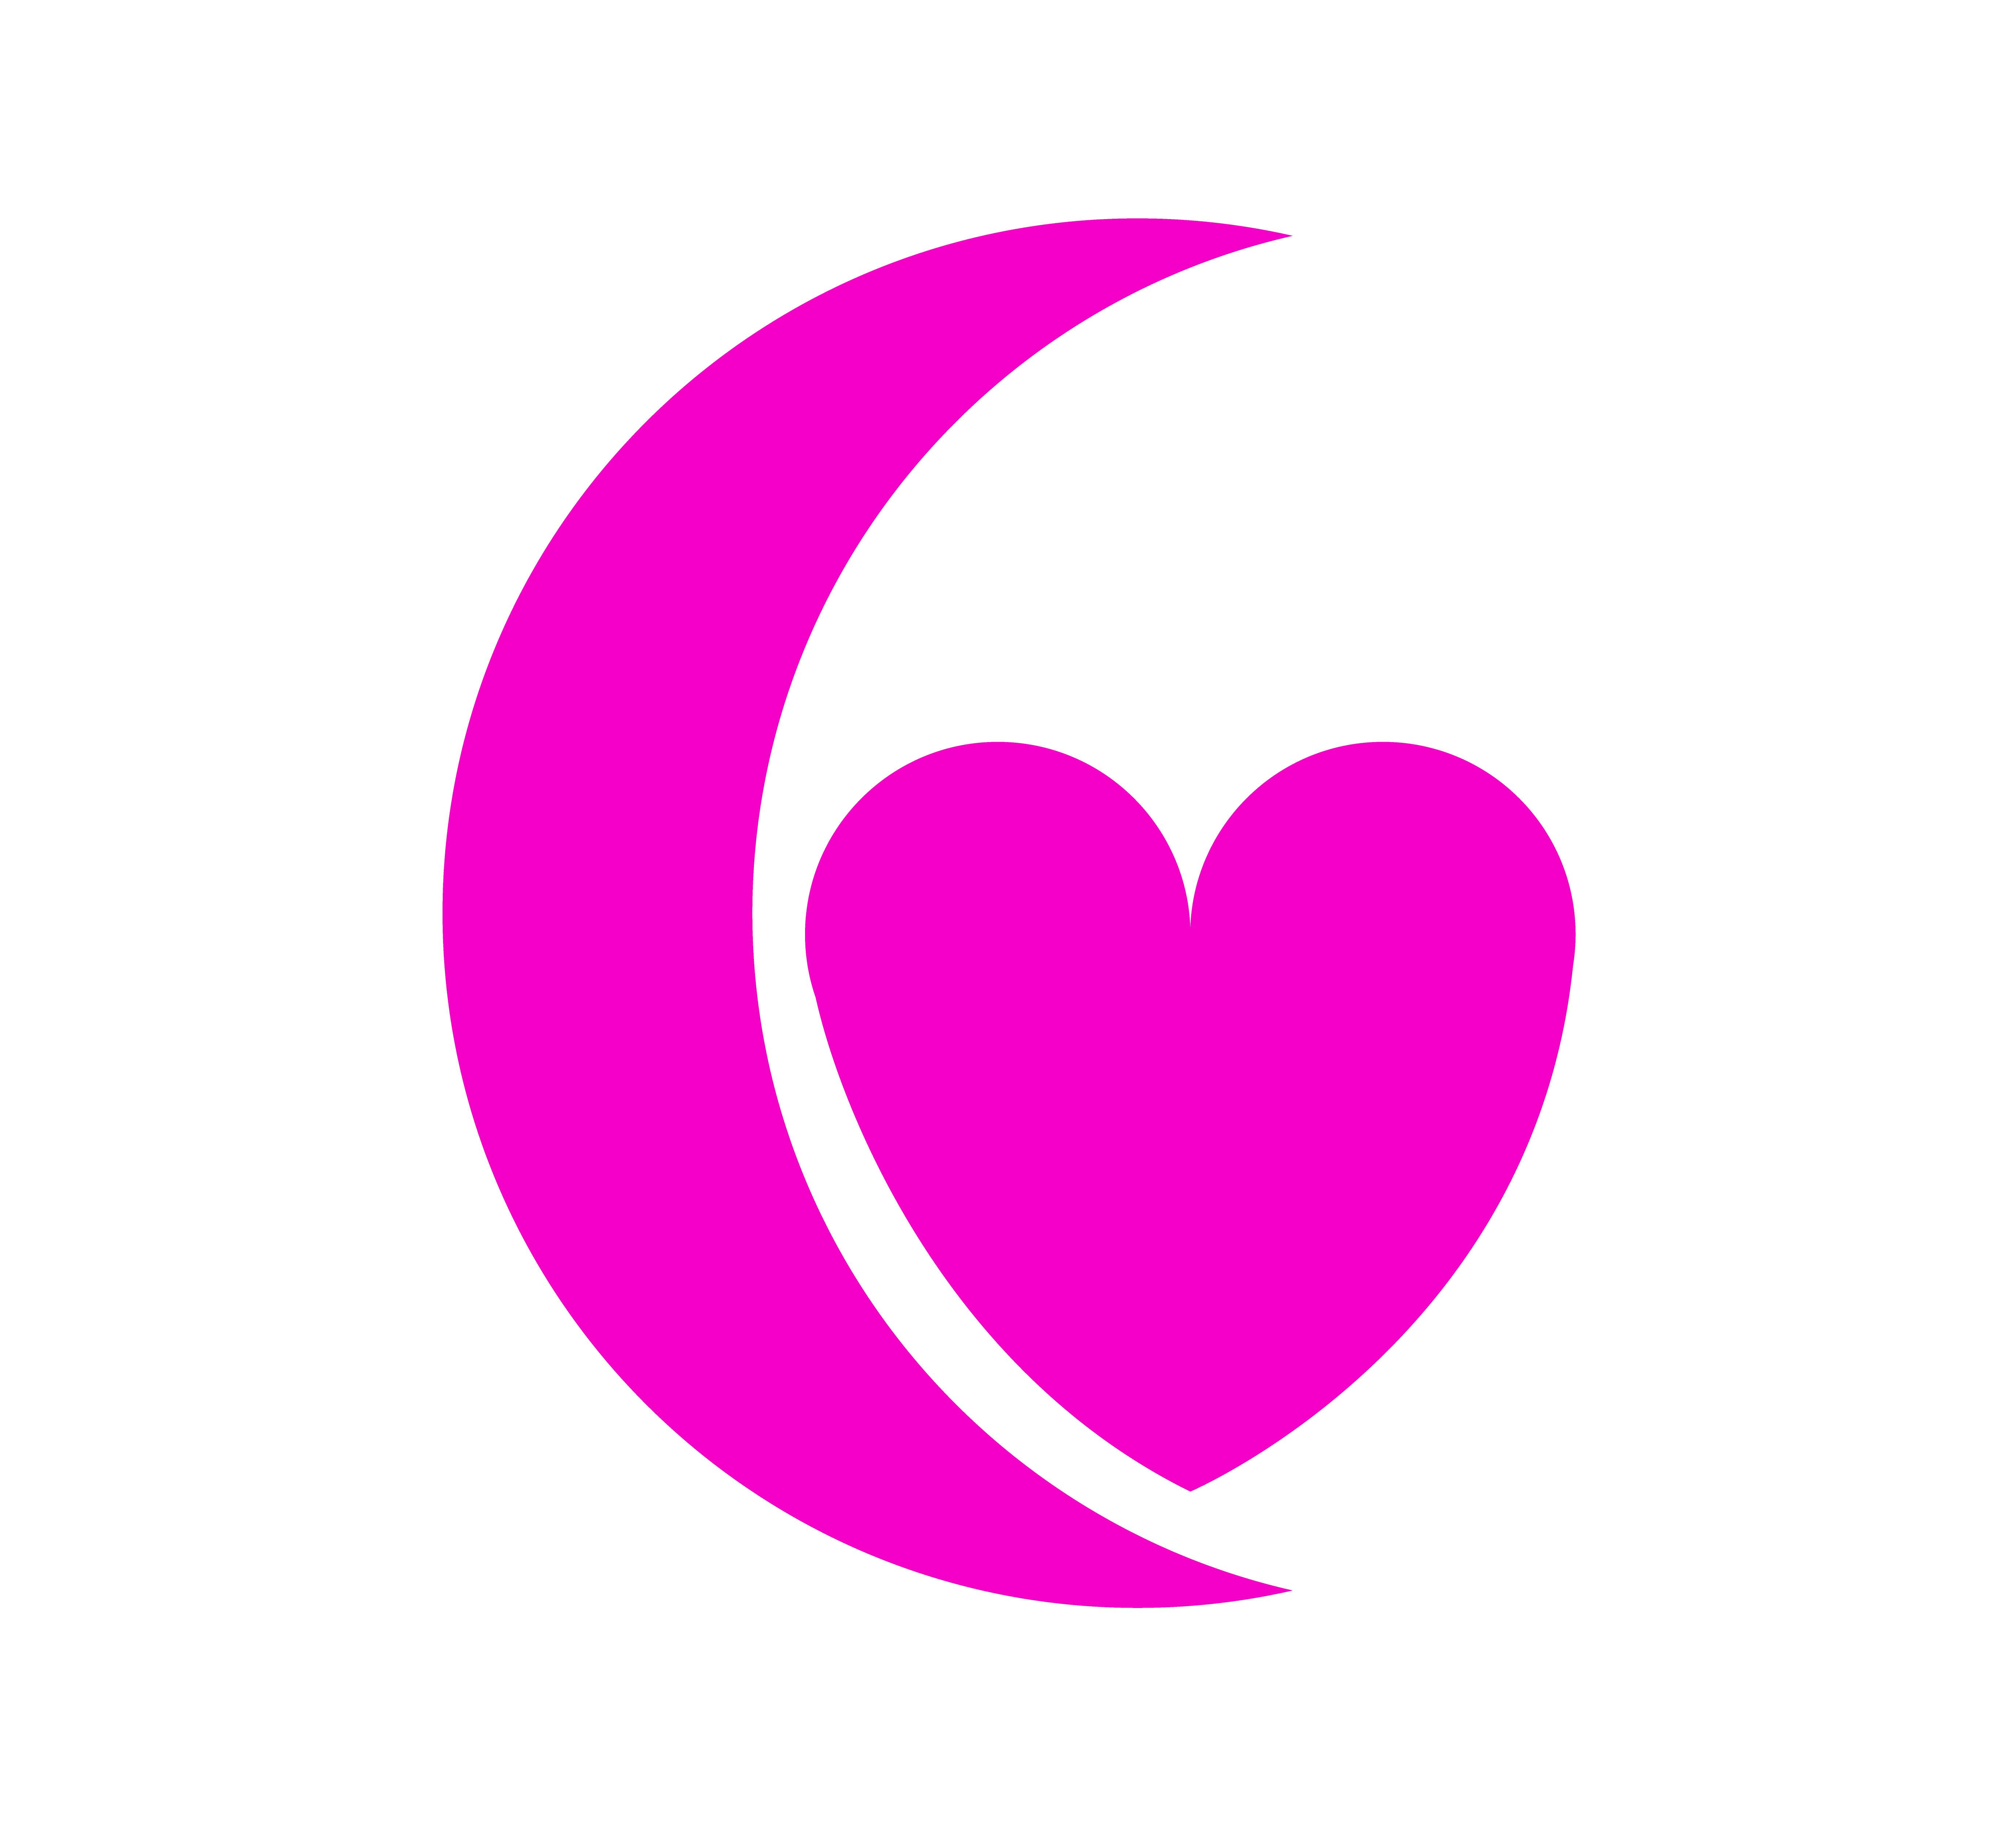 site de rencontre logo coeur)